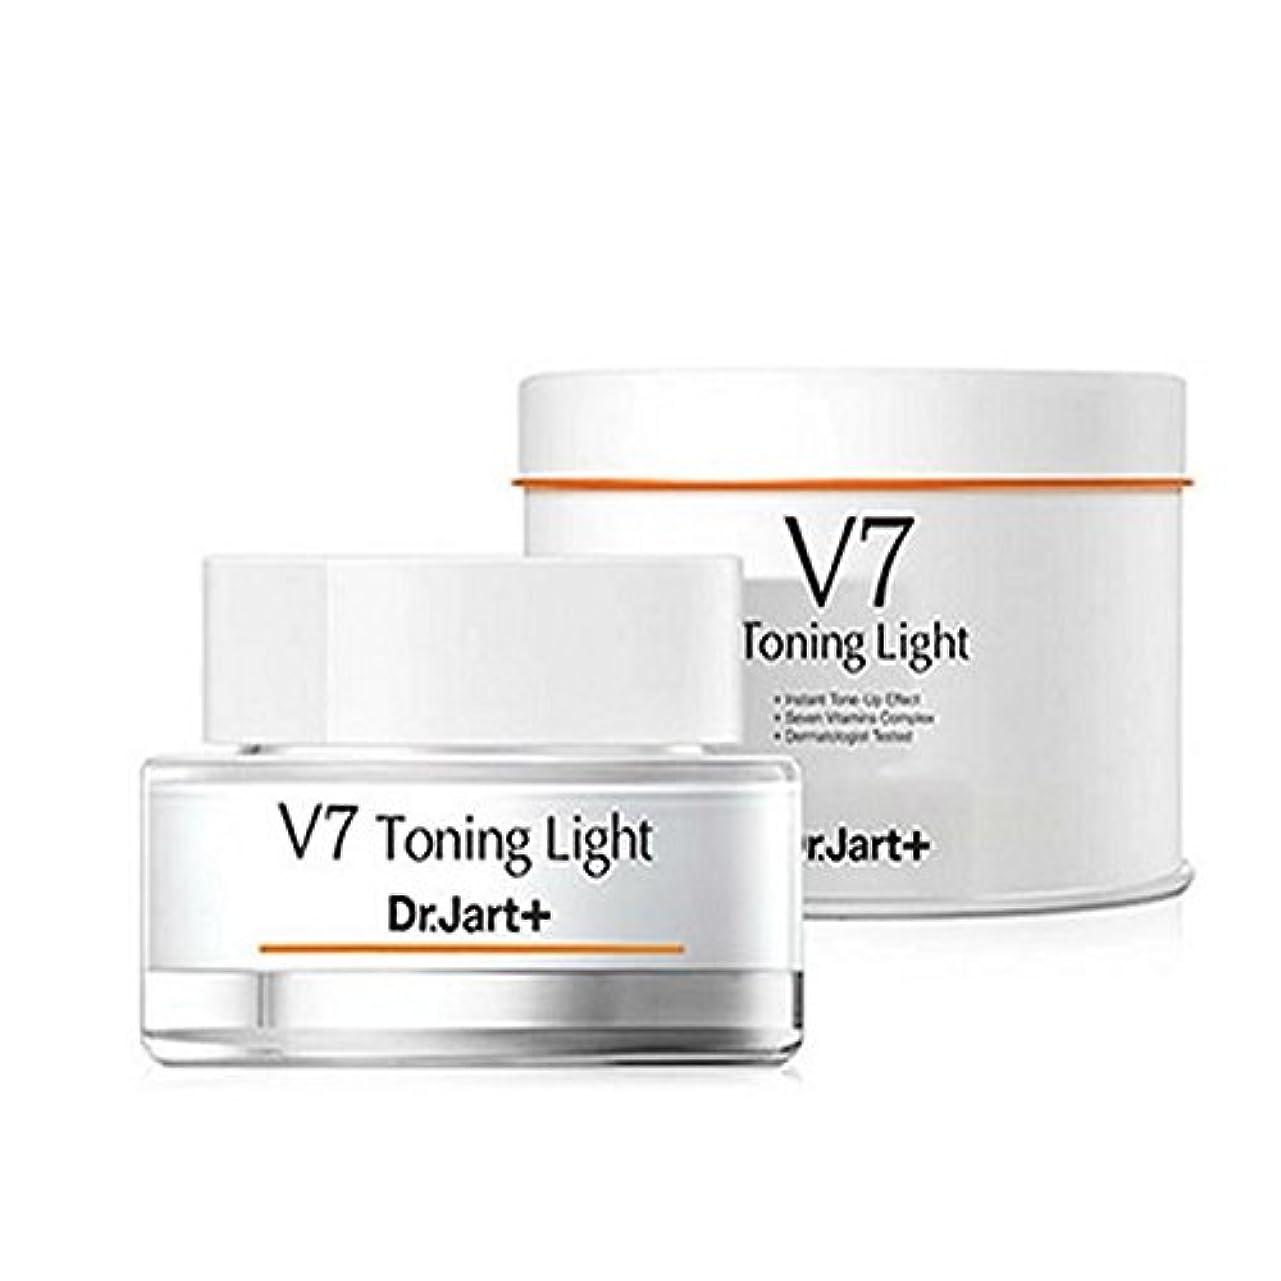 ずらすこだわり弓Dr. Jart /ドクタージャルト V7 トーニングライト/V7 Toning Lihgt 50ml/100% Authentic direct from Korea [並行輸入品]